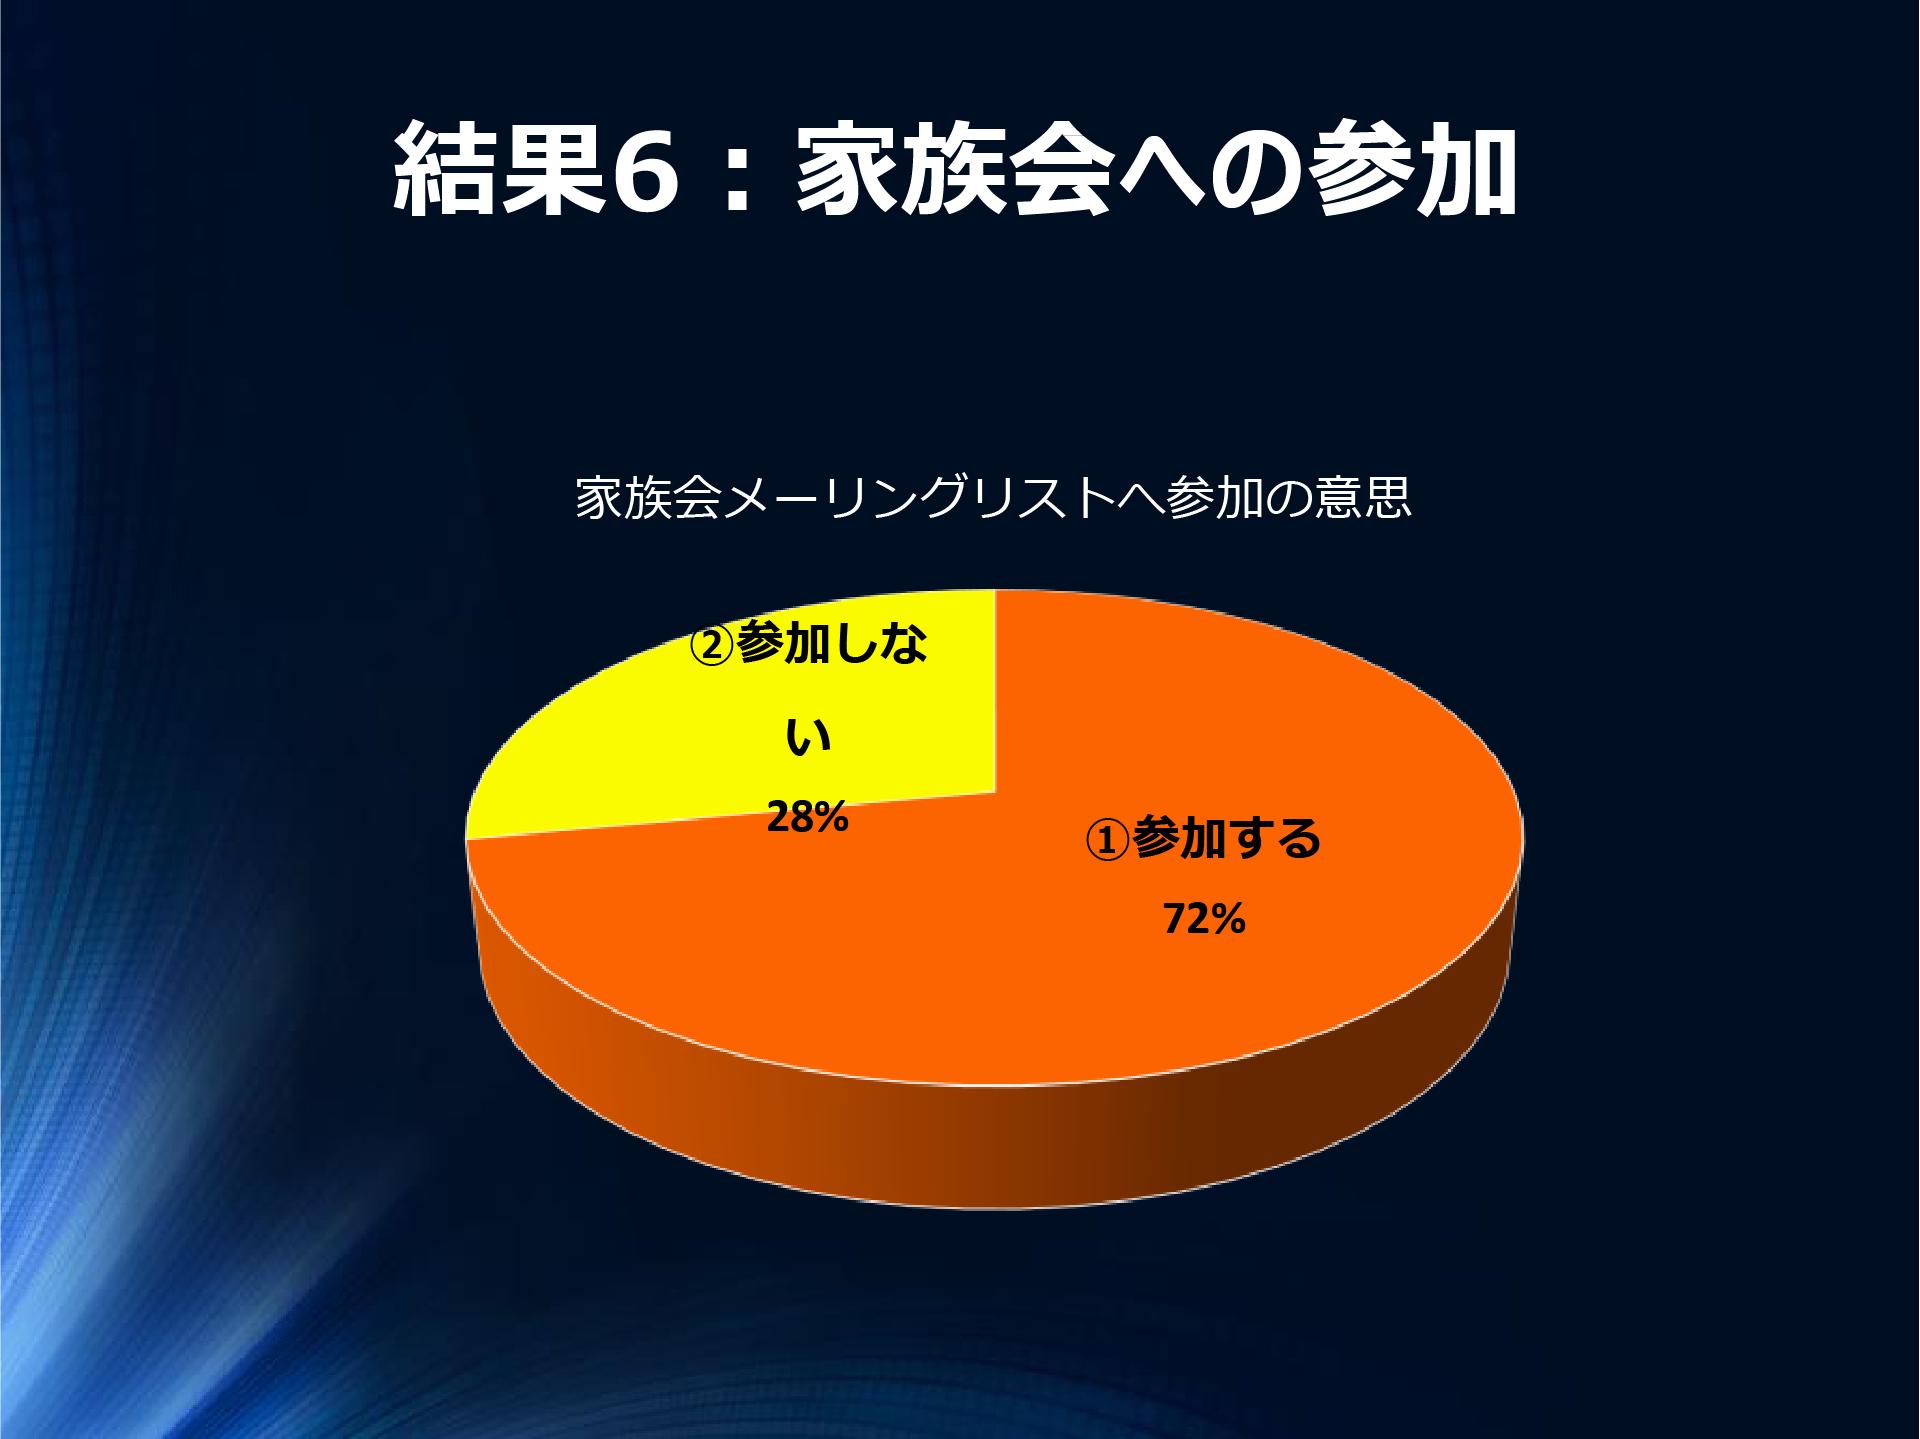 結果6:家族会への参加 ①参加する72%②参加しない28%